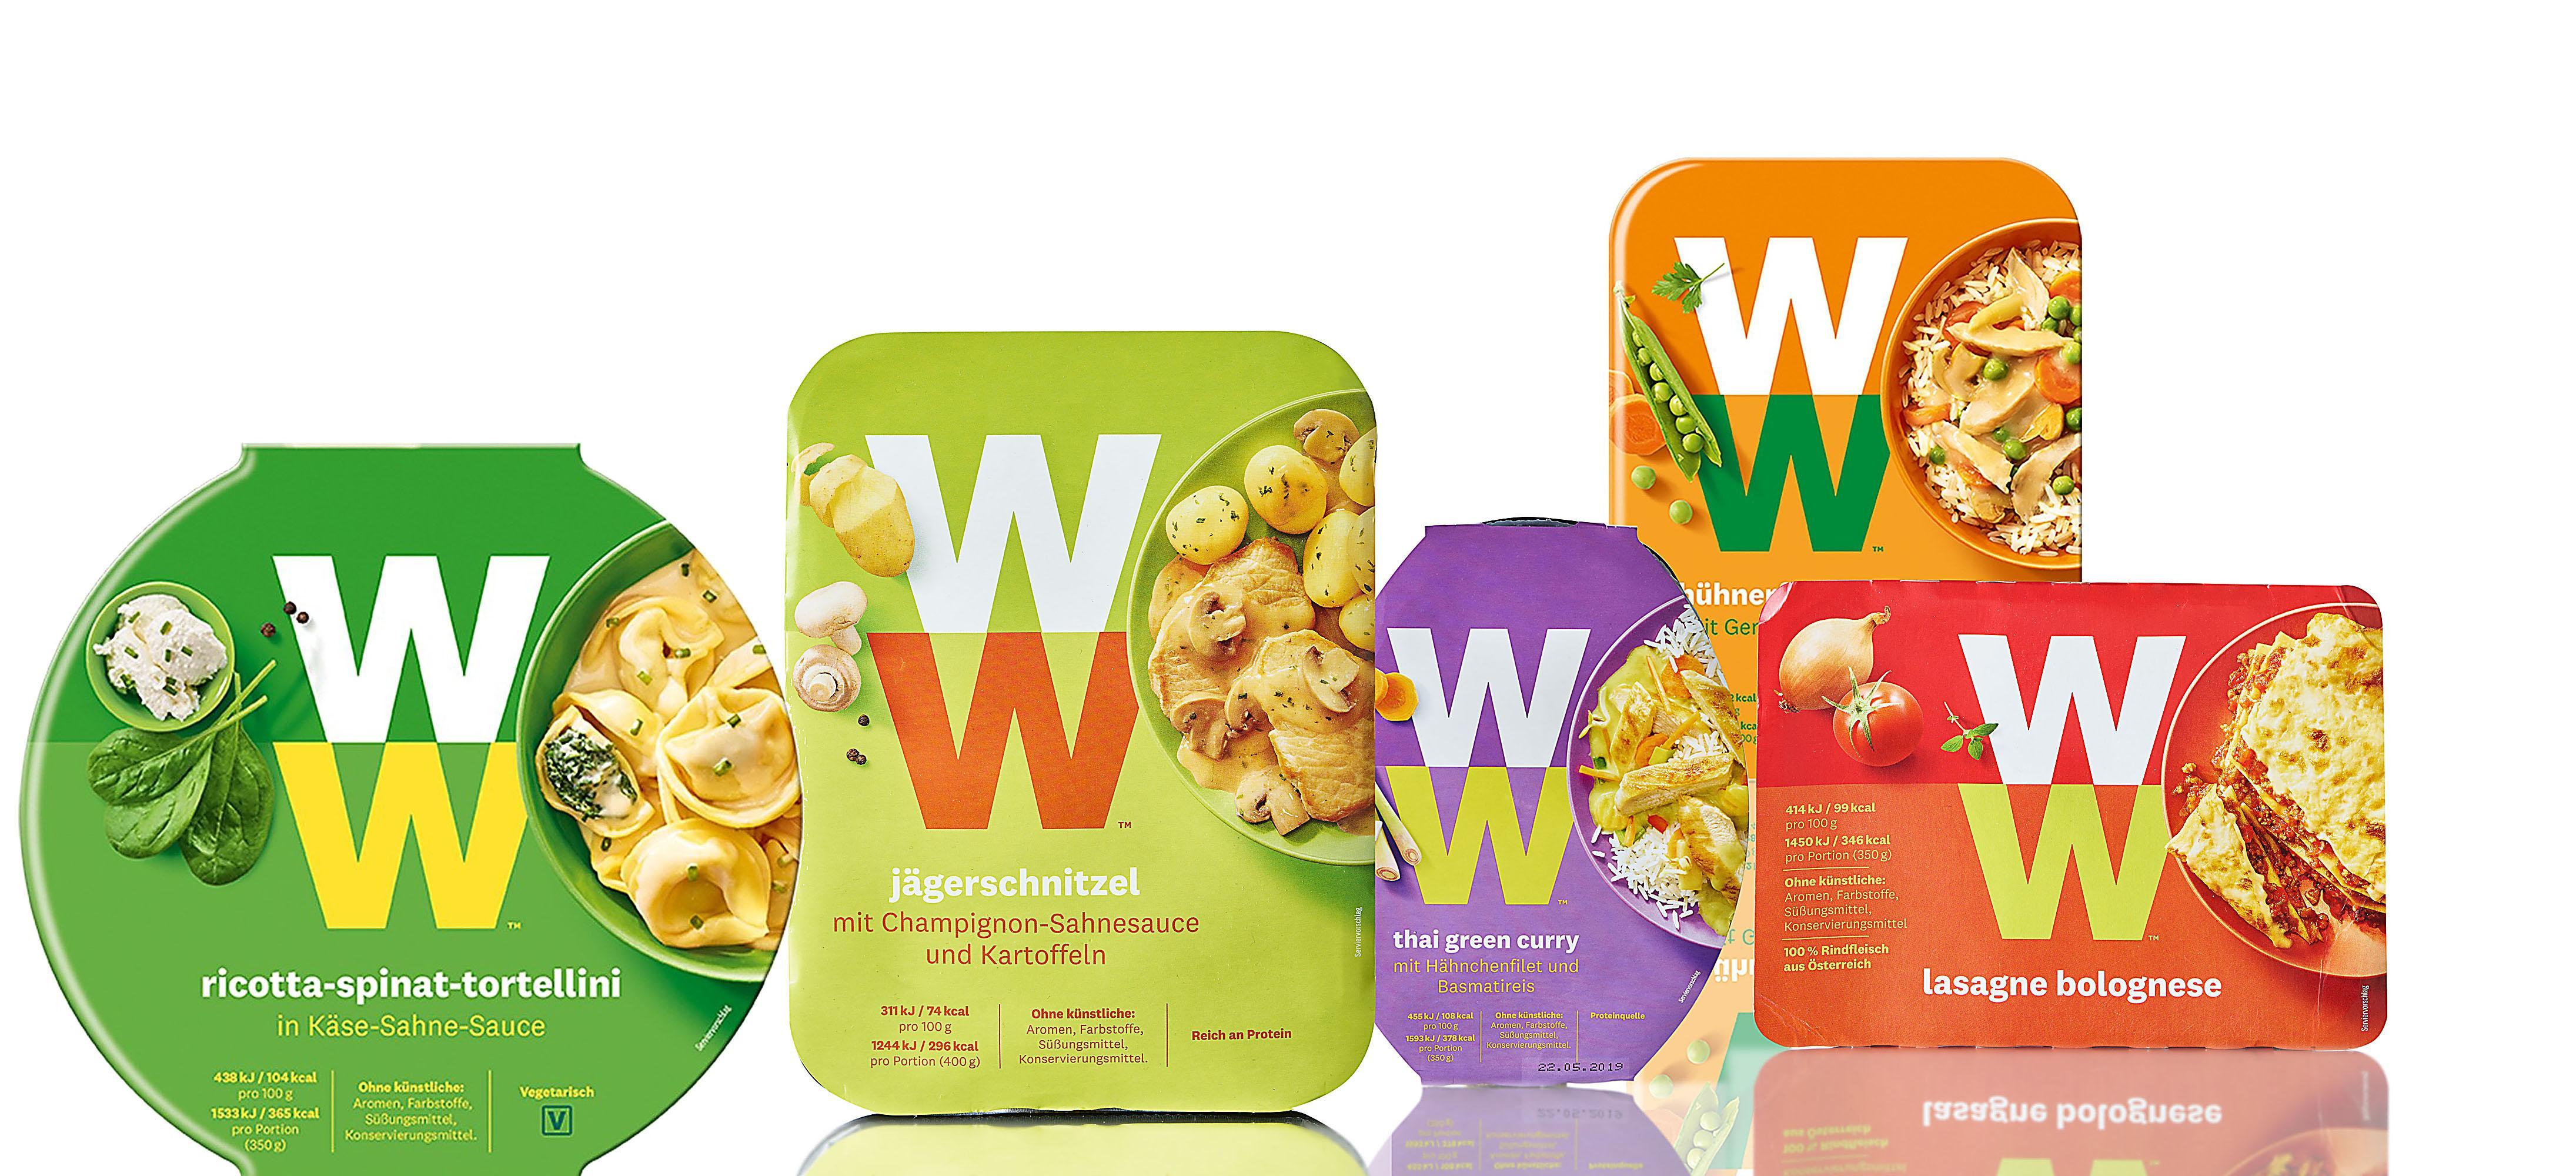 Weight Watchers Packungen Relaunch 2019